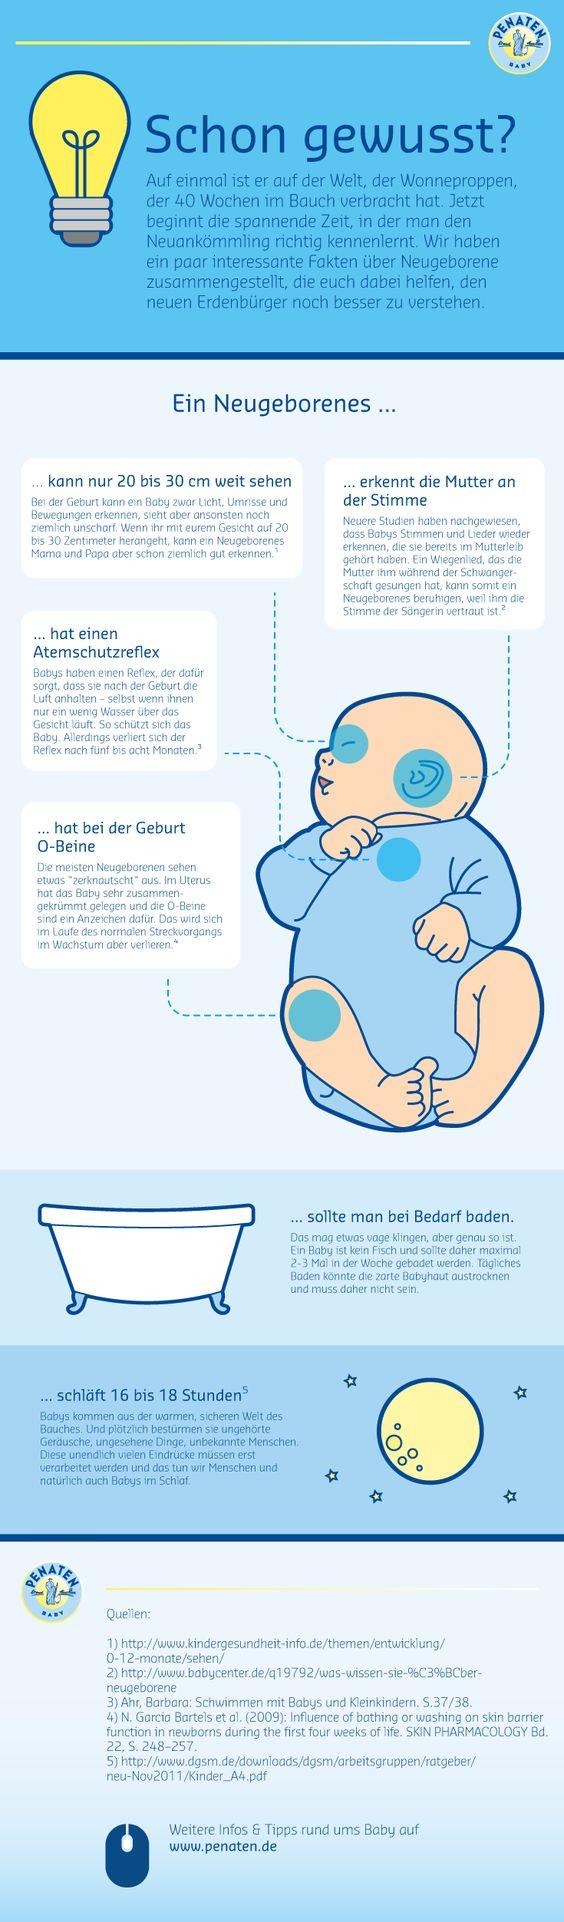 Wir haben ein paar interessante Fakten über Neugeborene zusammengestellt, die…